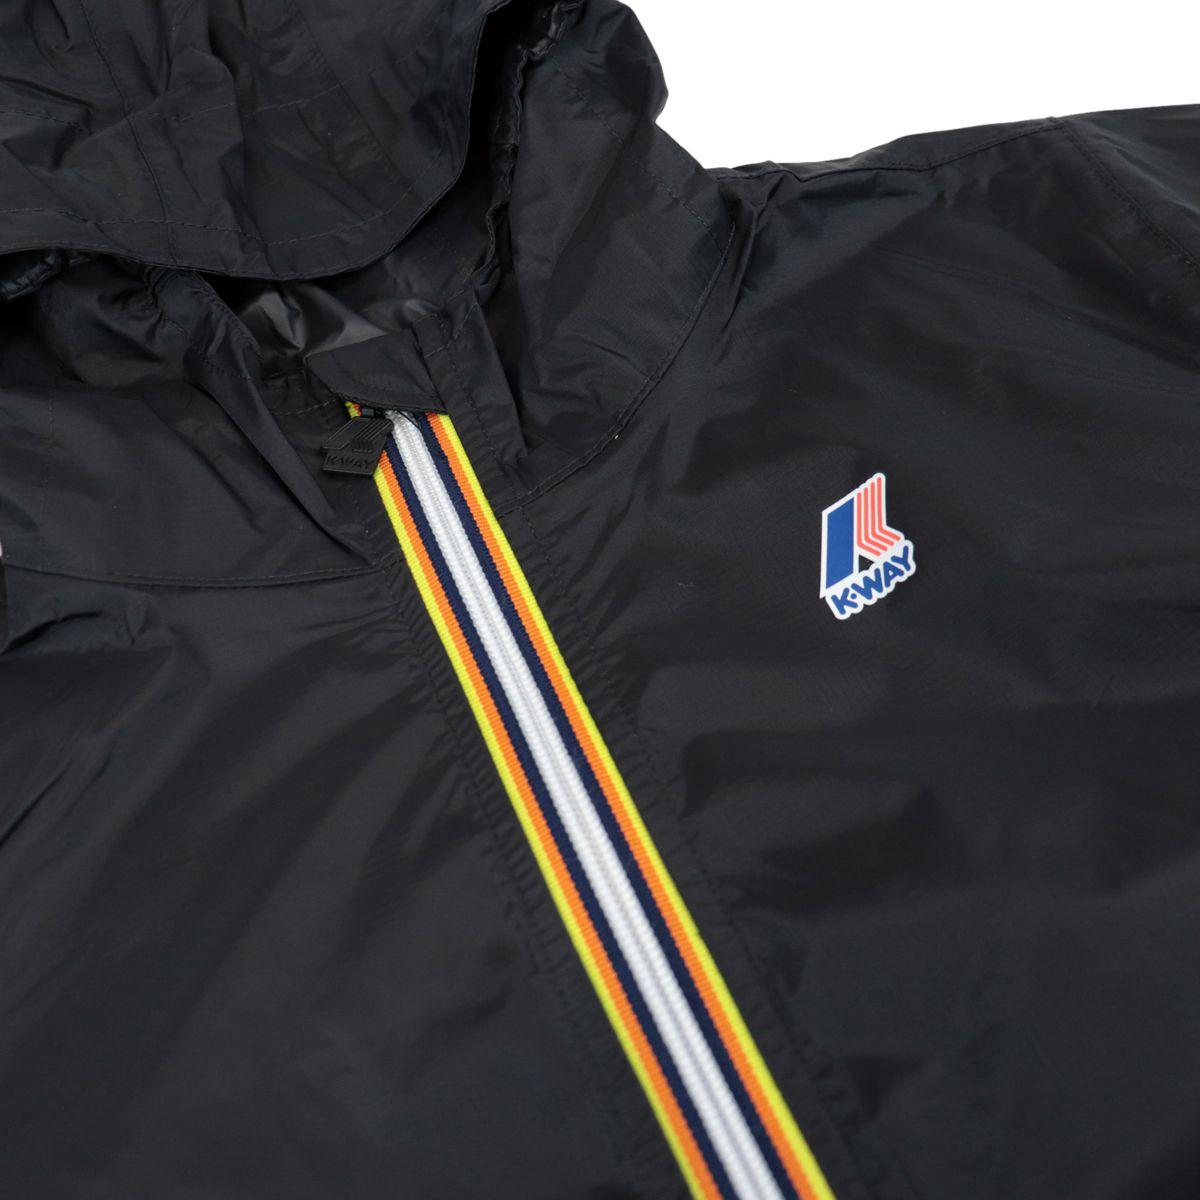 Le Vrai 3.0 Claudette nylon jacket with hood Black K-Way